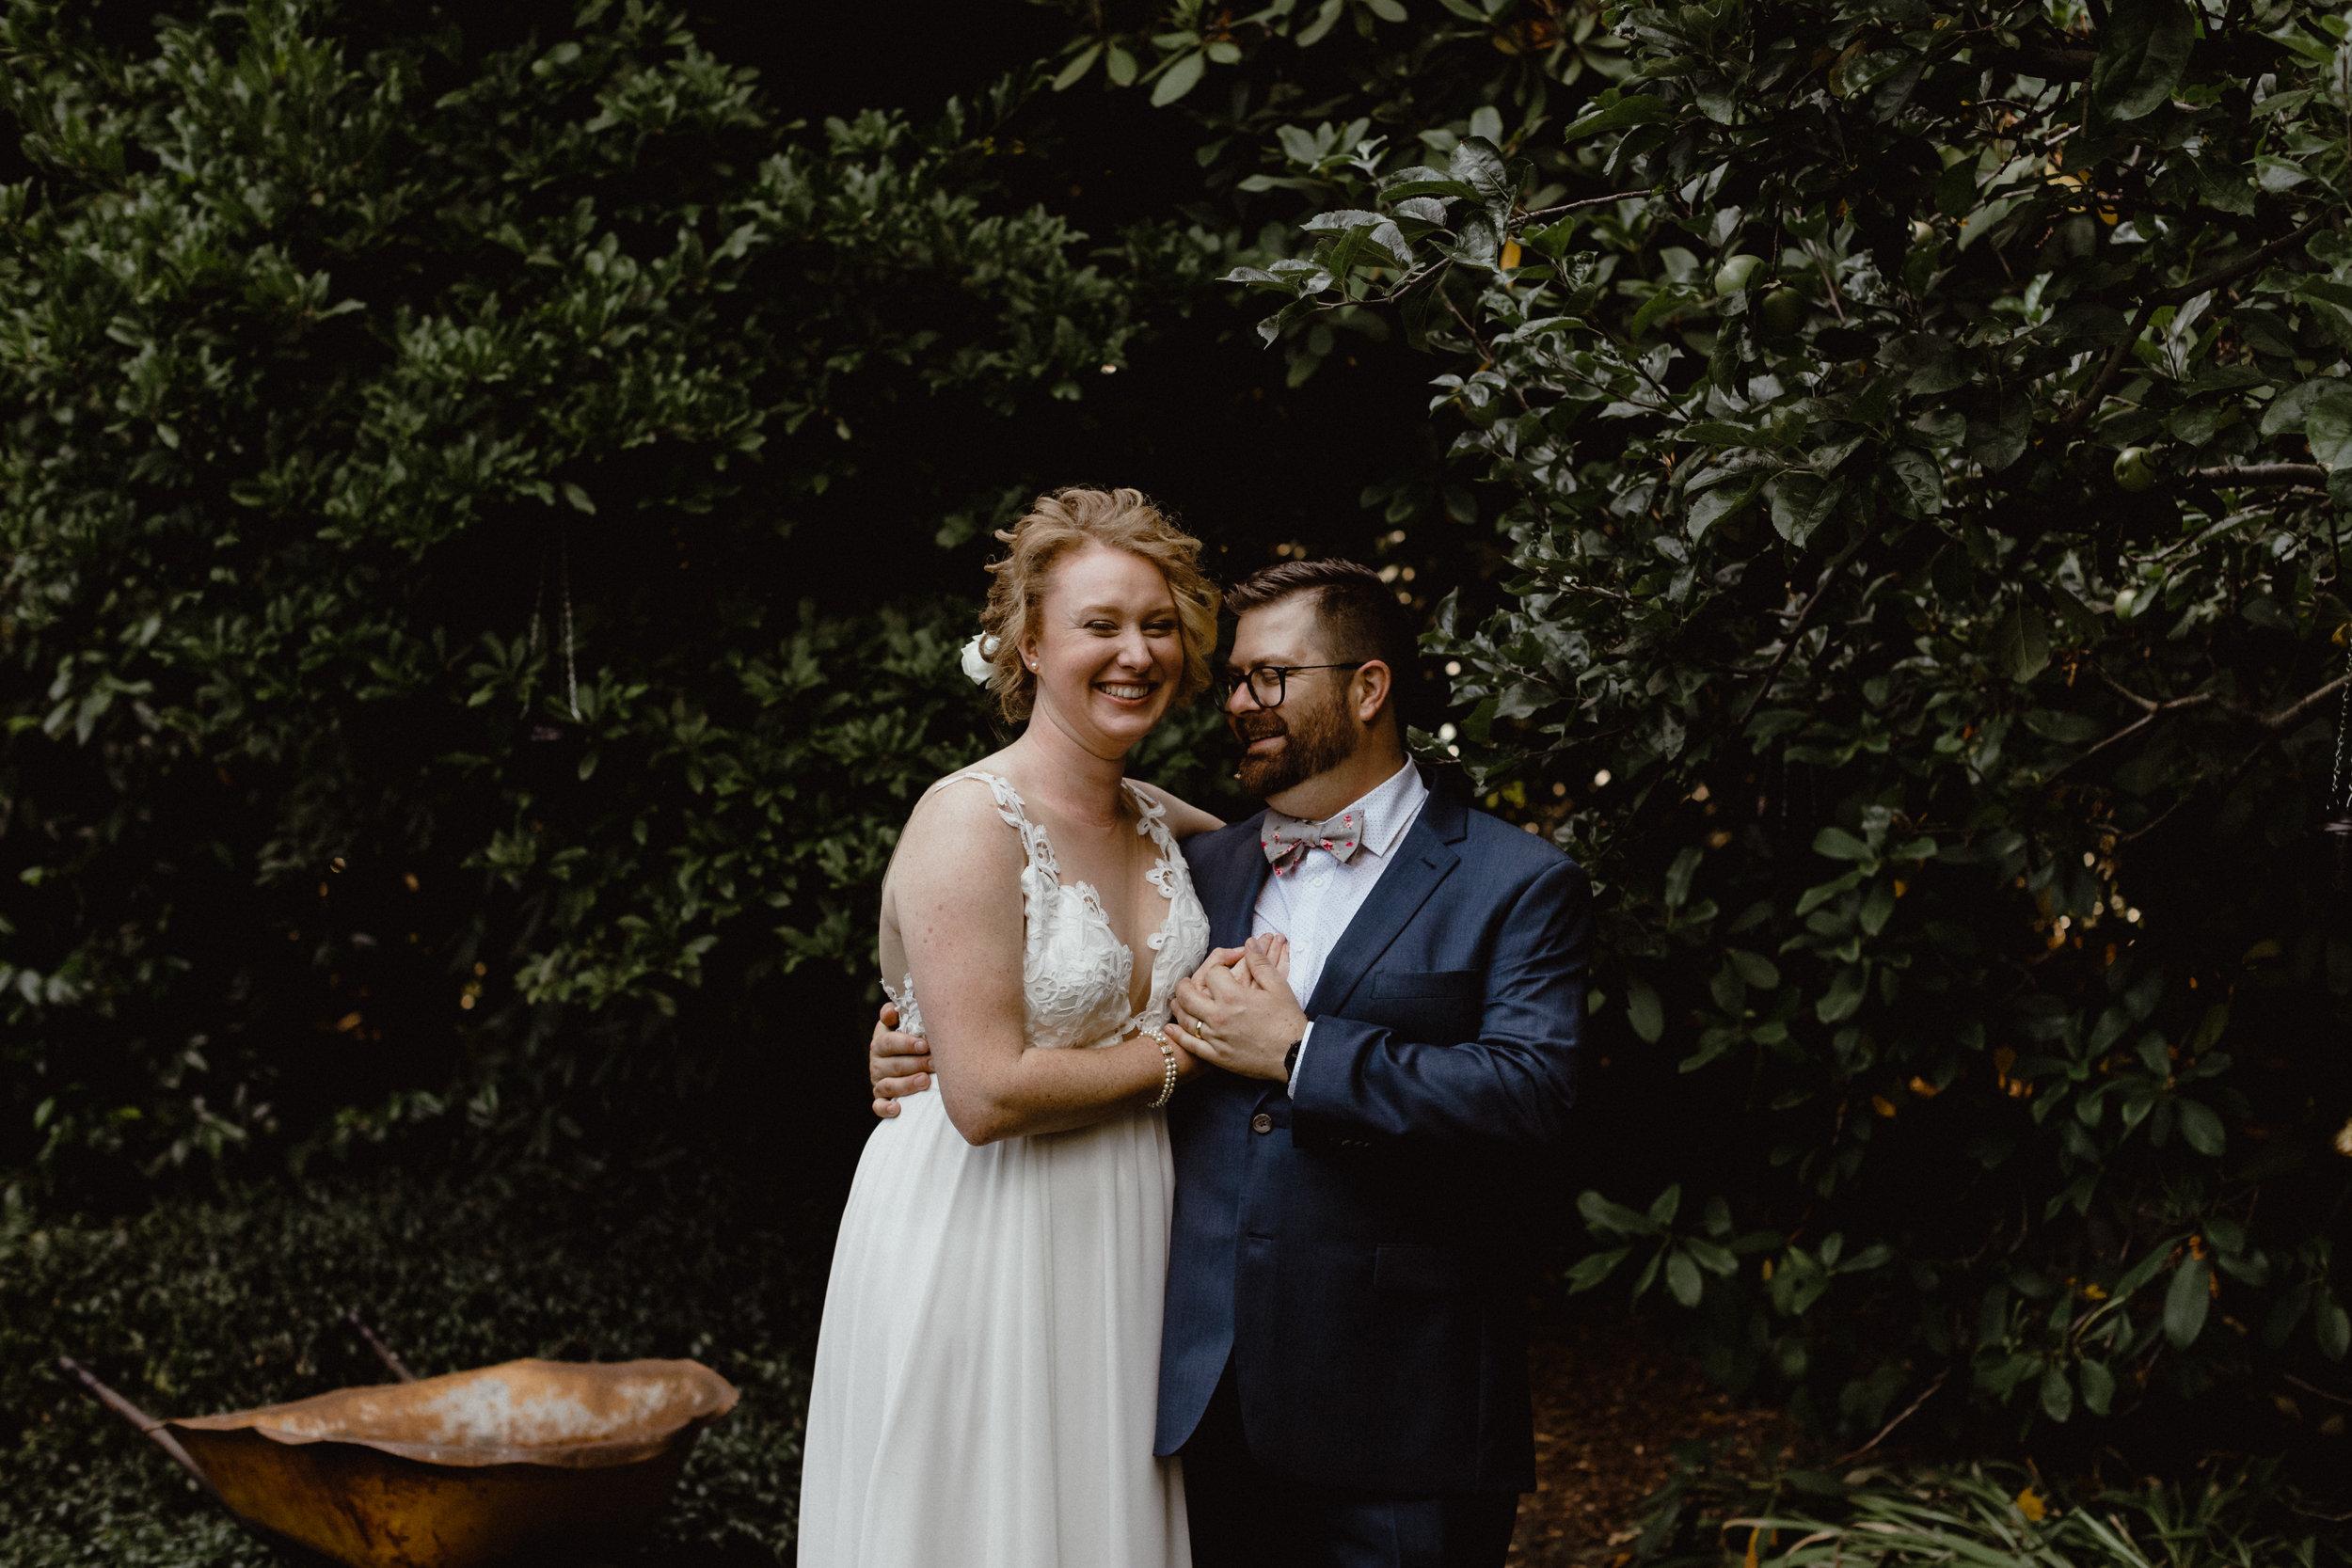 west-vancouver-backyard-wedding-178.jpg